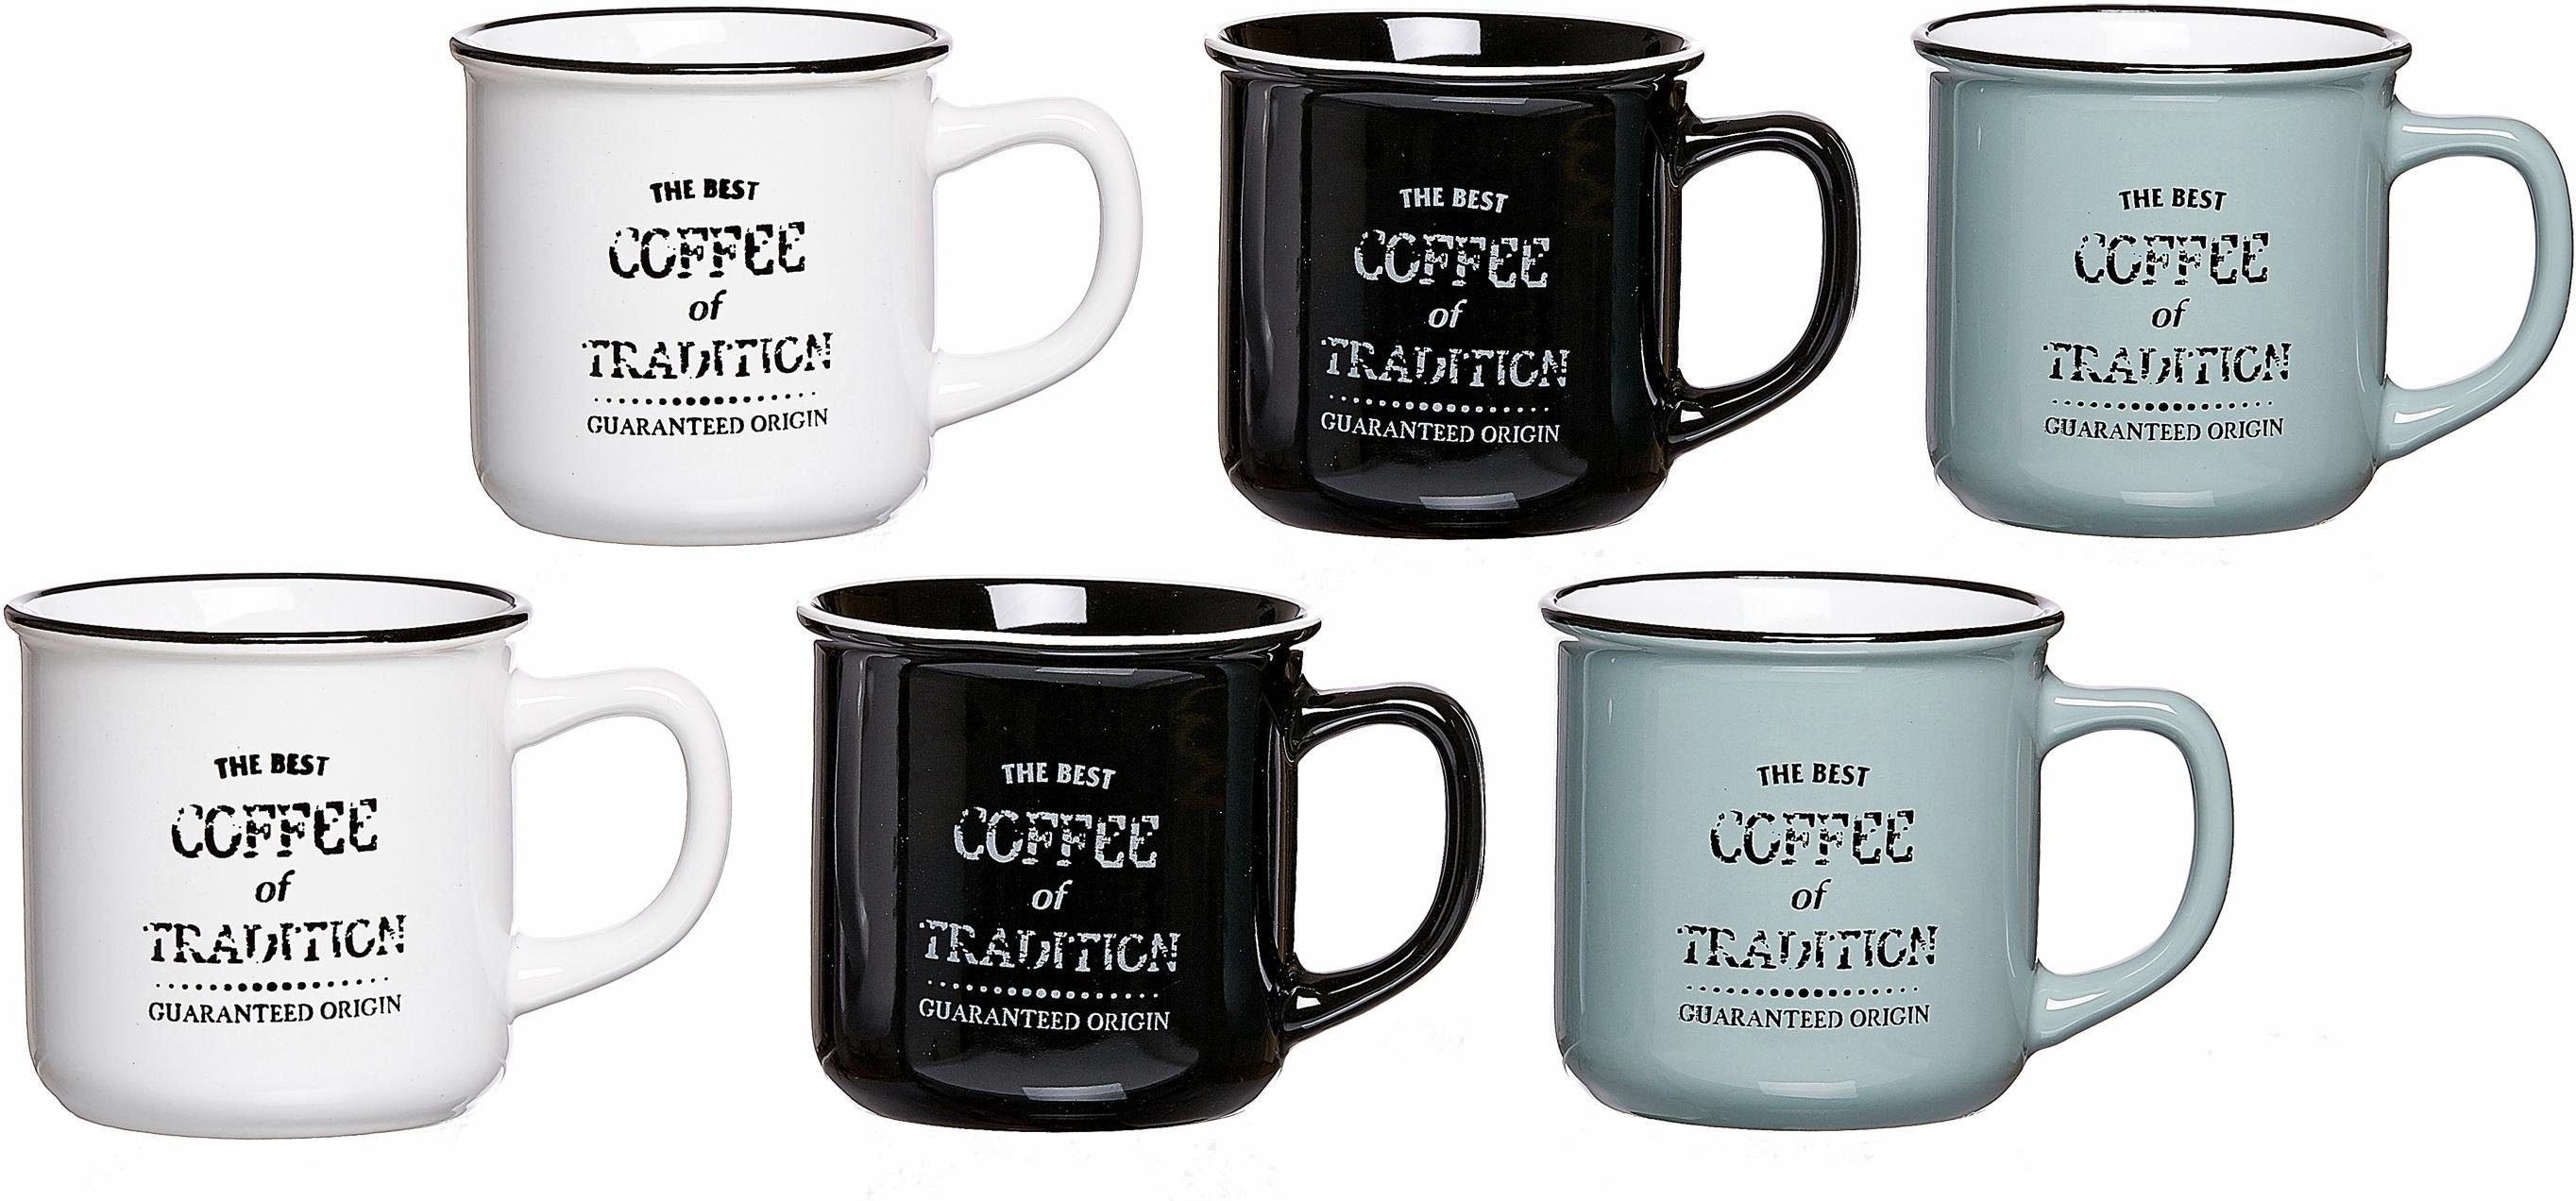 Ritzenhoff & Breker Kaffeebecher, Steinzeug, 6 Stück, »Best Coffee«